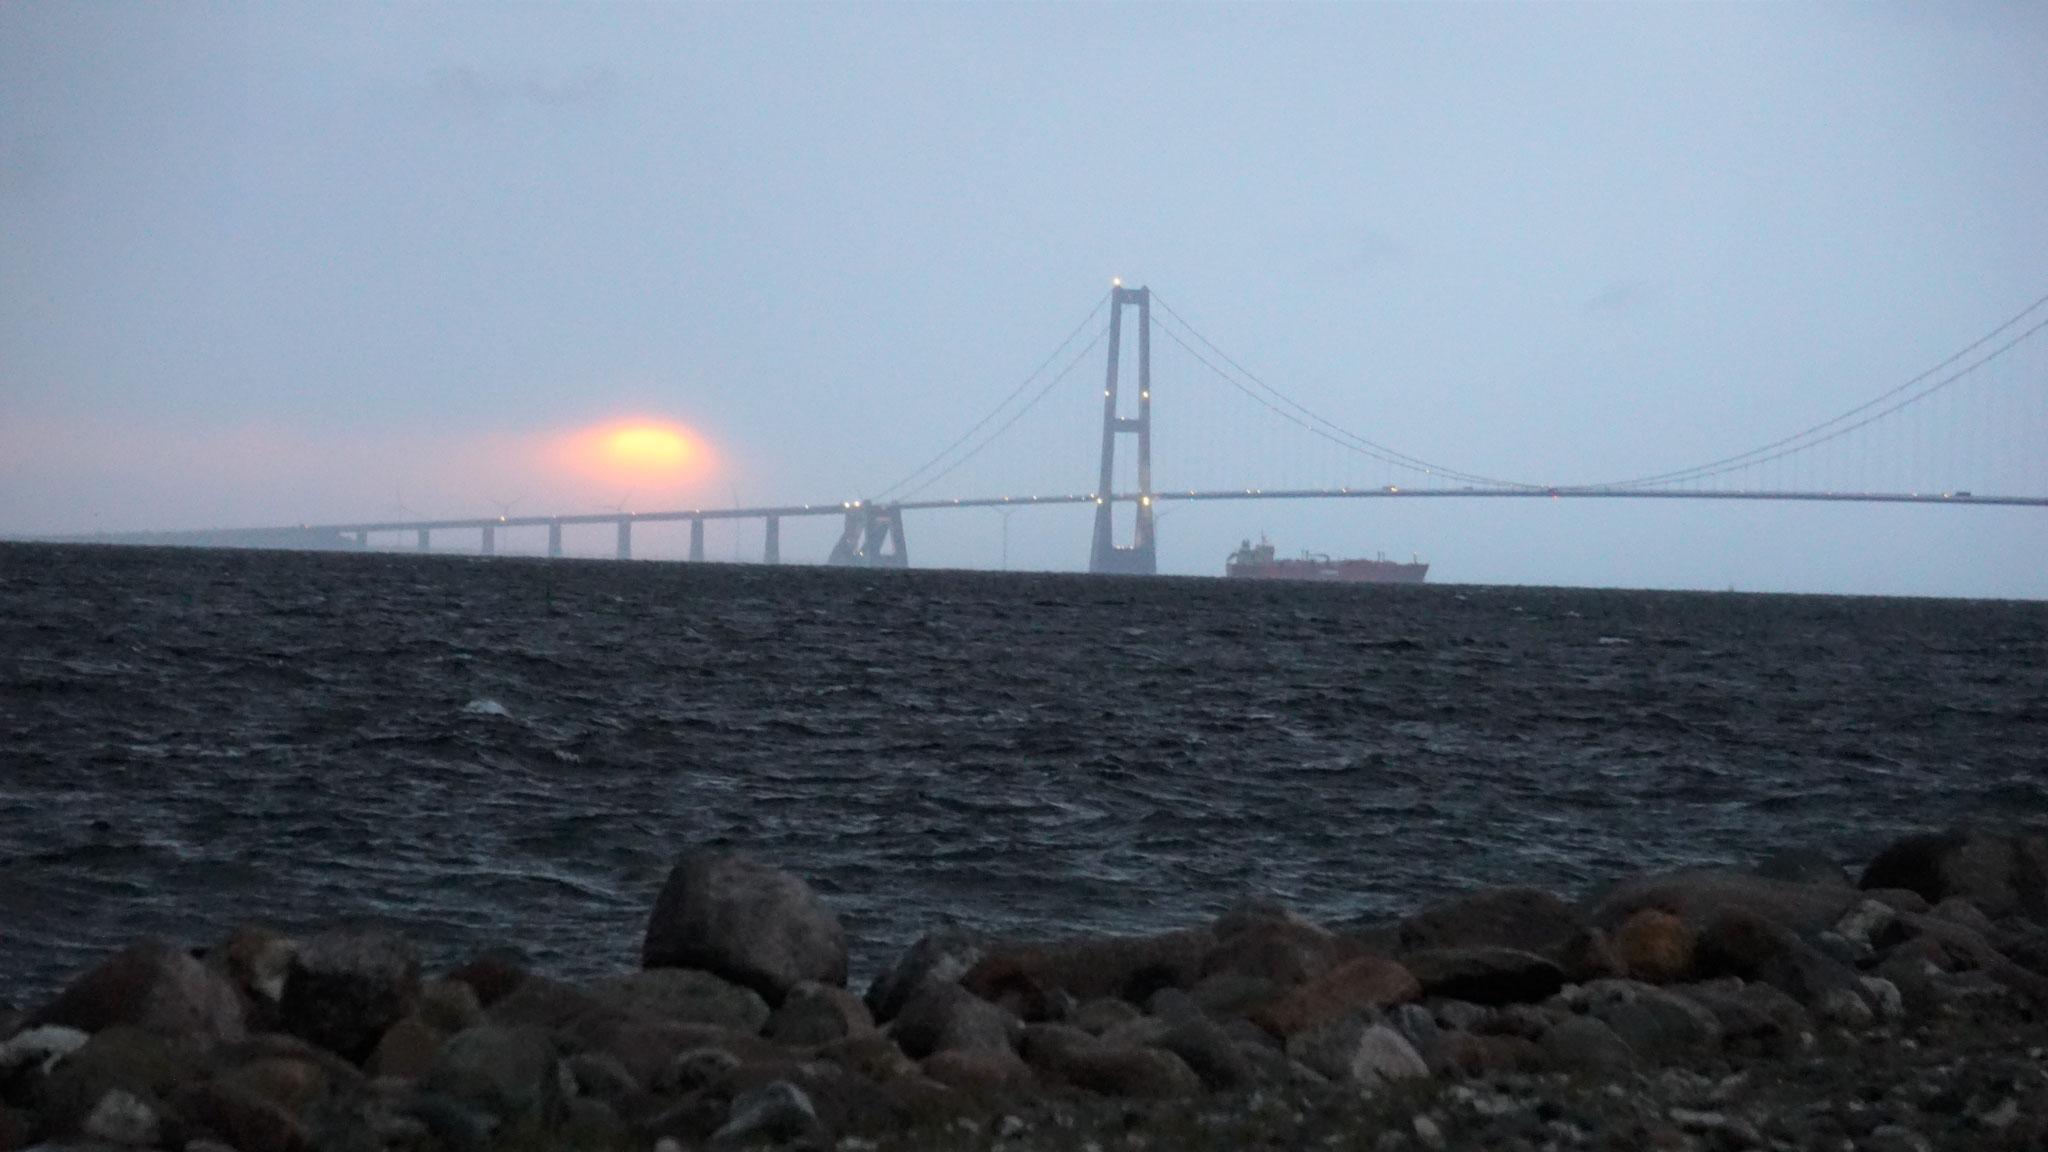 Rückblick auf die Brücke